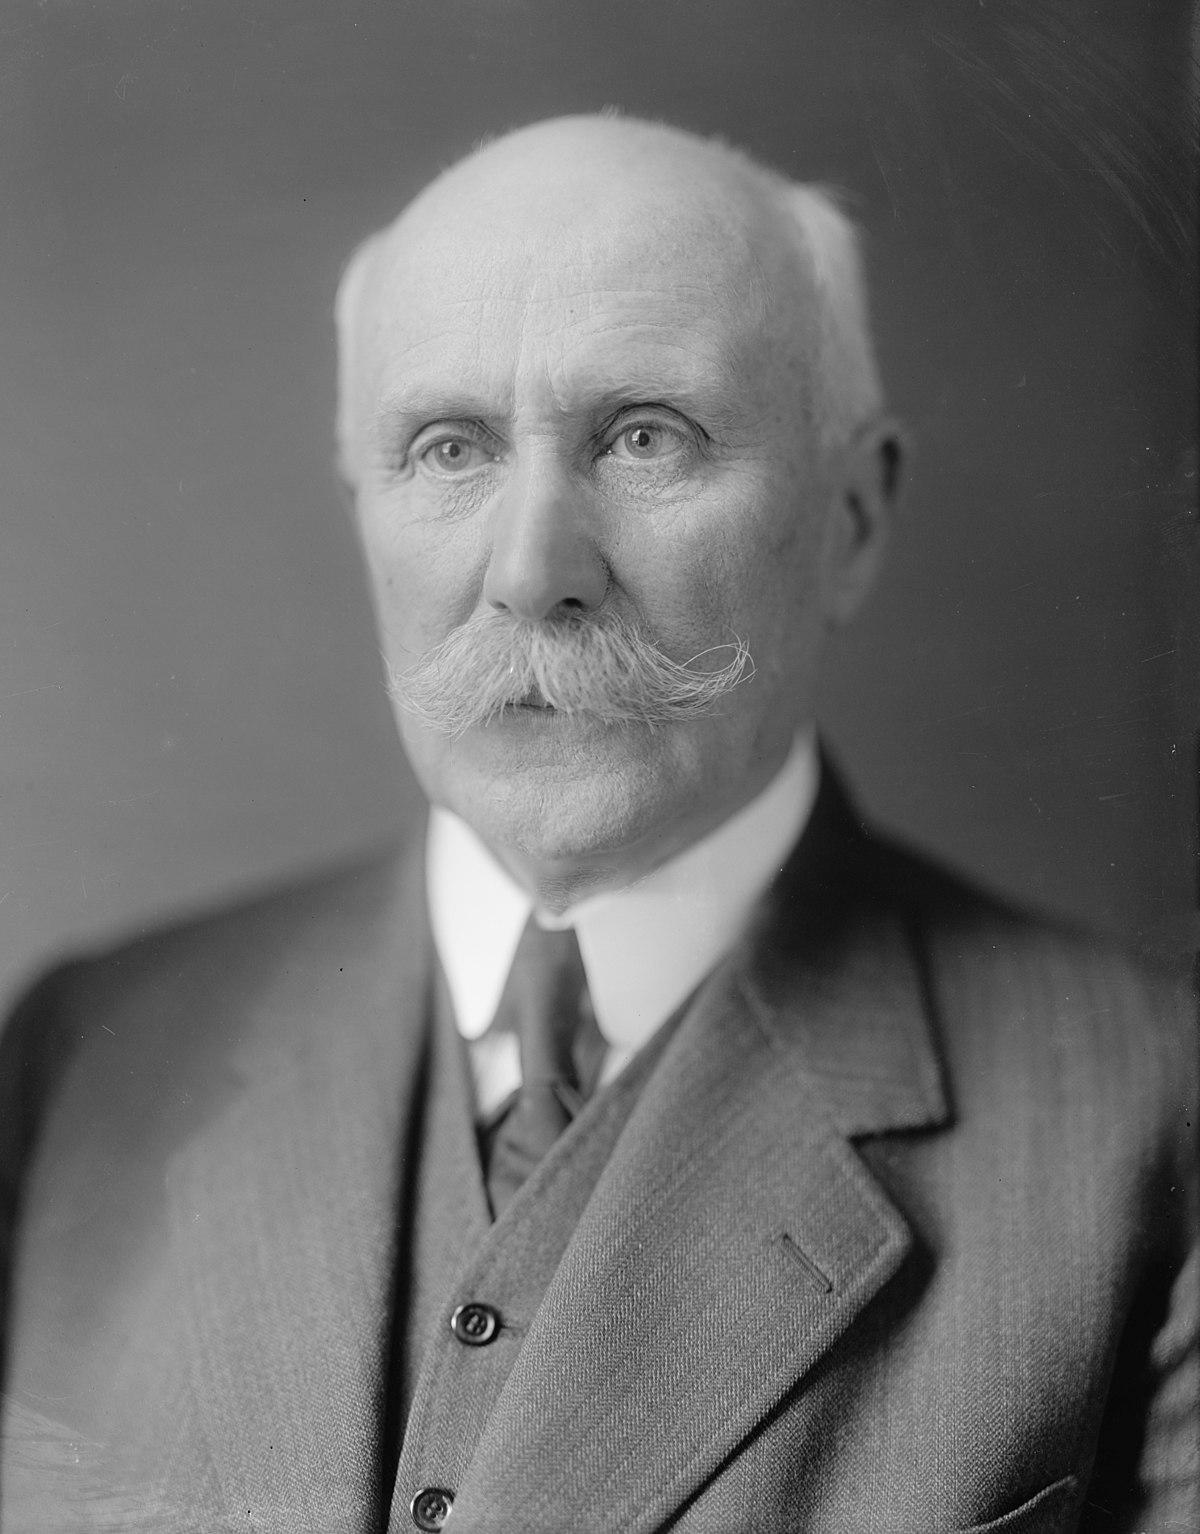 В июне 1940 после разгрома Франции возглавил как премьер-министр правительство (режим Виши),